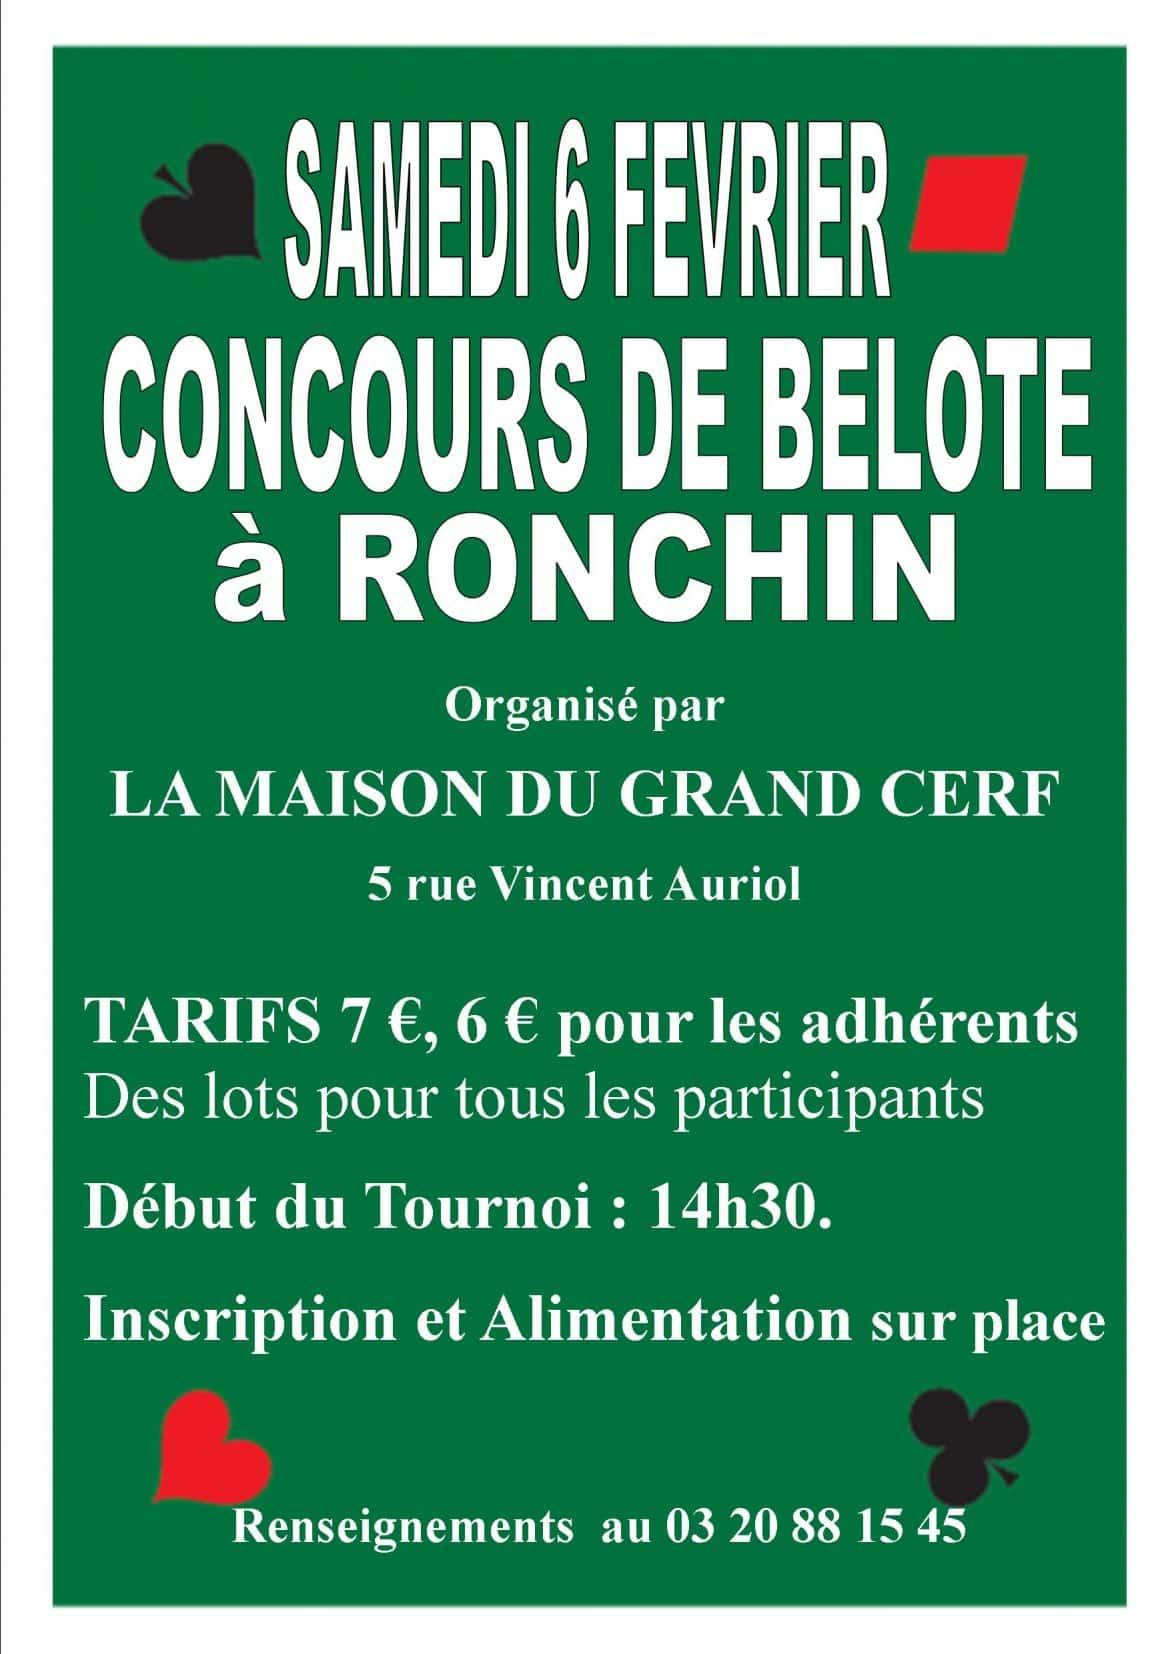 affiche  du concours de belote organisé à Ronchin le 6 février 2016